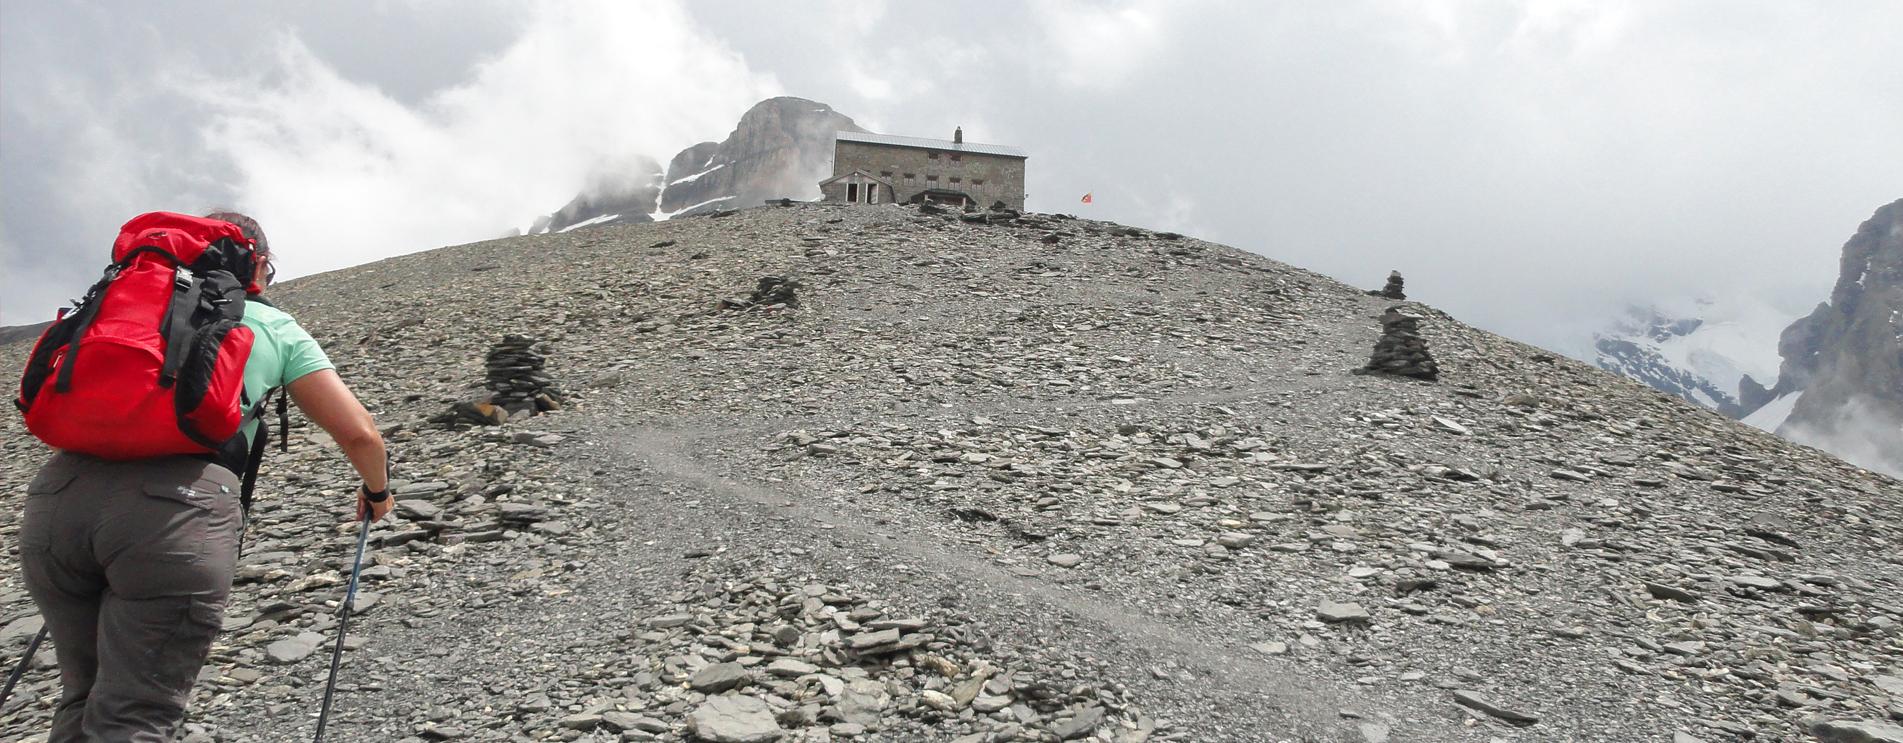 Covid-19: SAC-Hütten und Wandern / Bergtouren in Zeiten von Corona